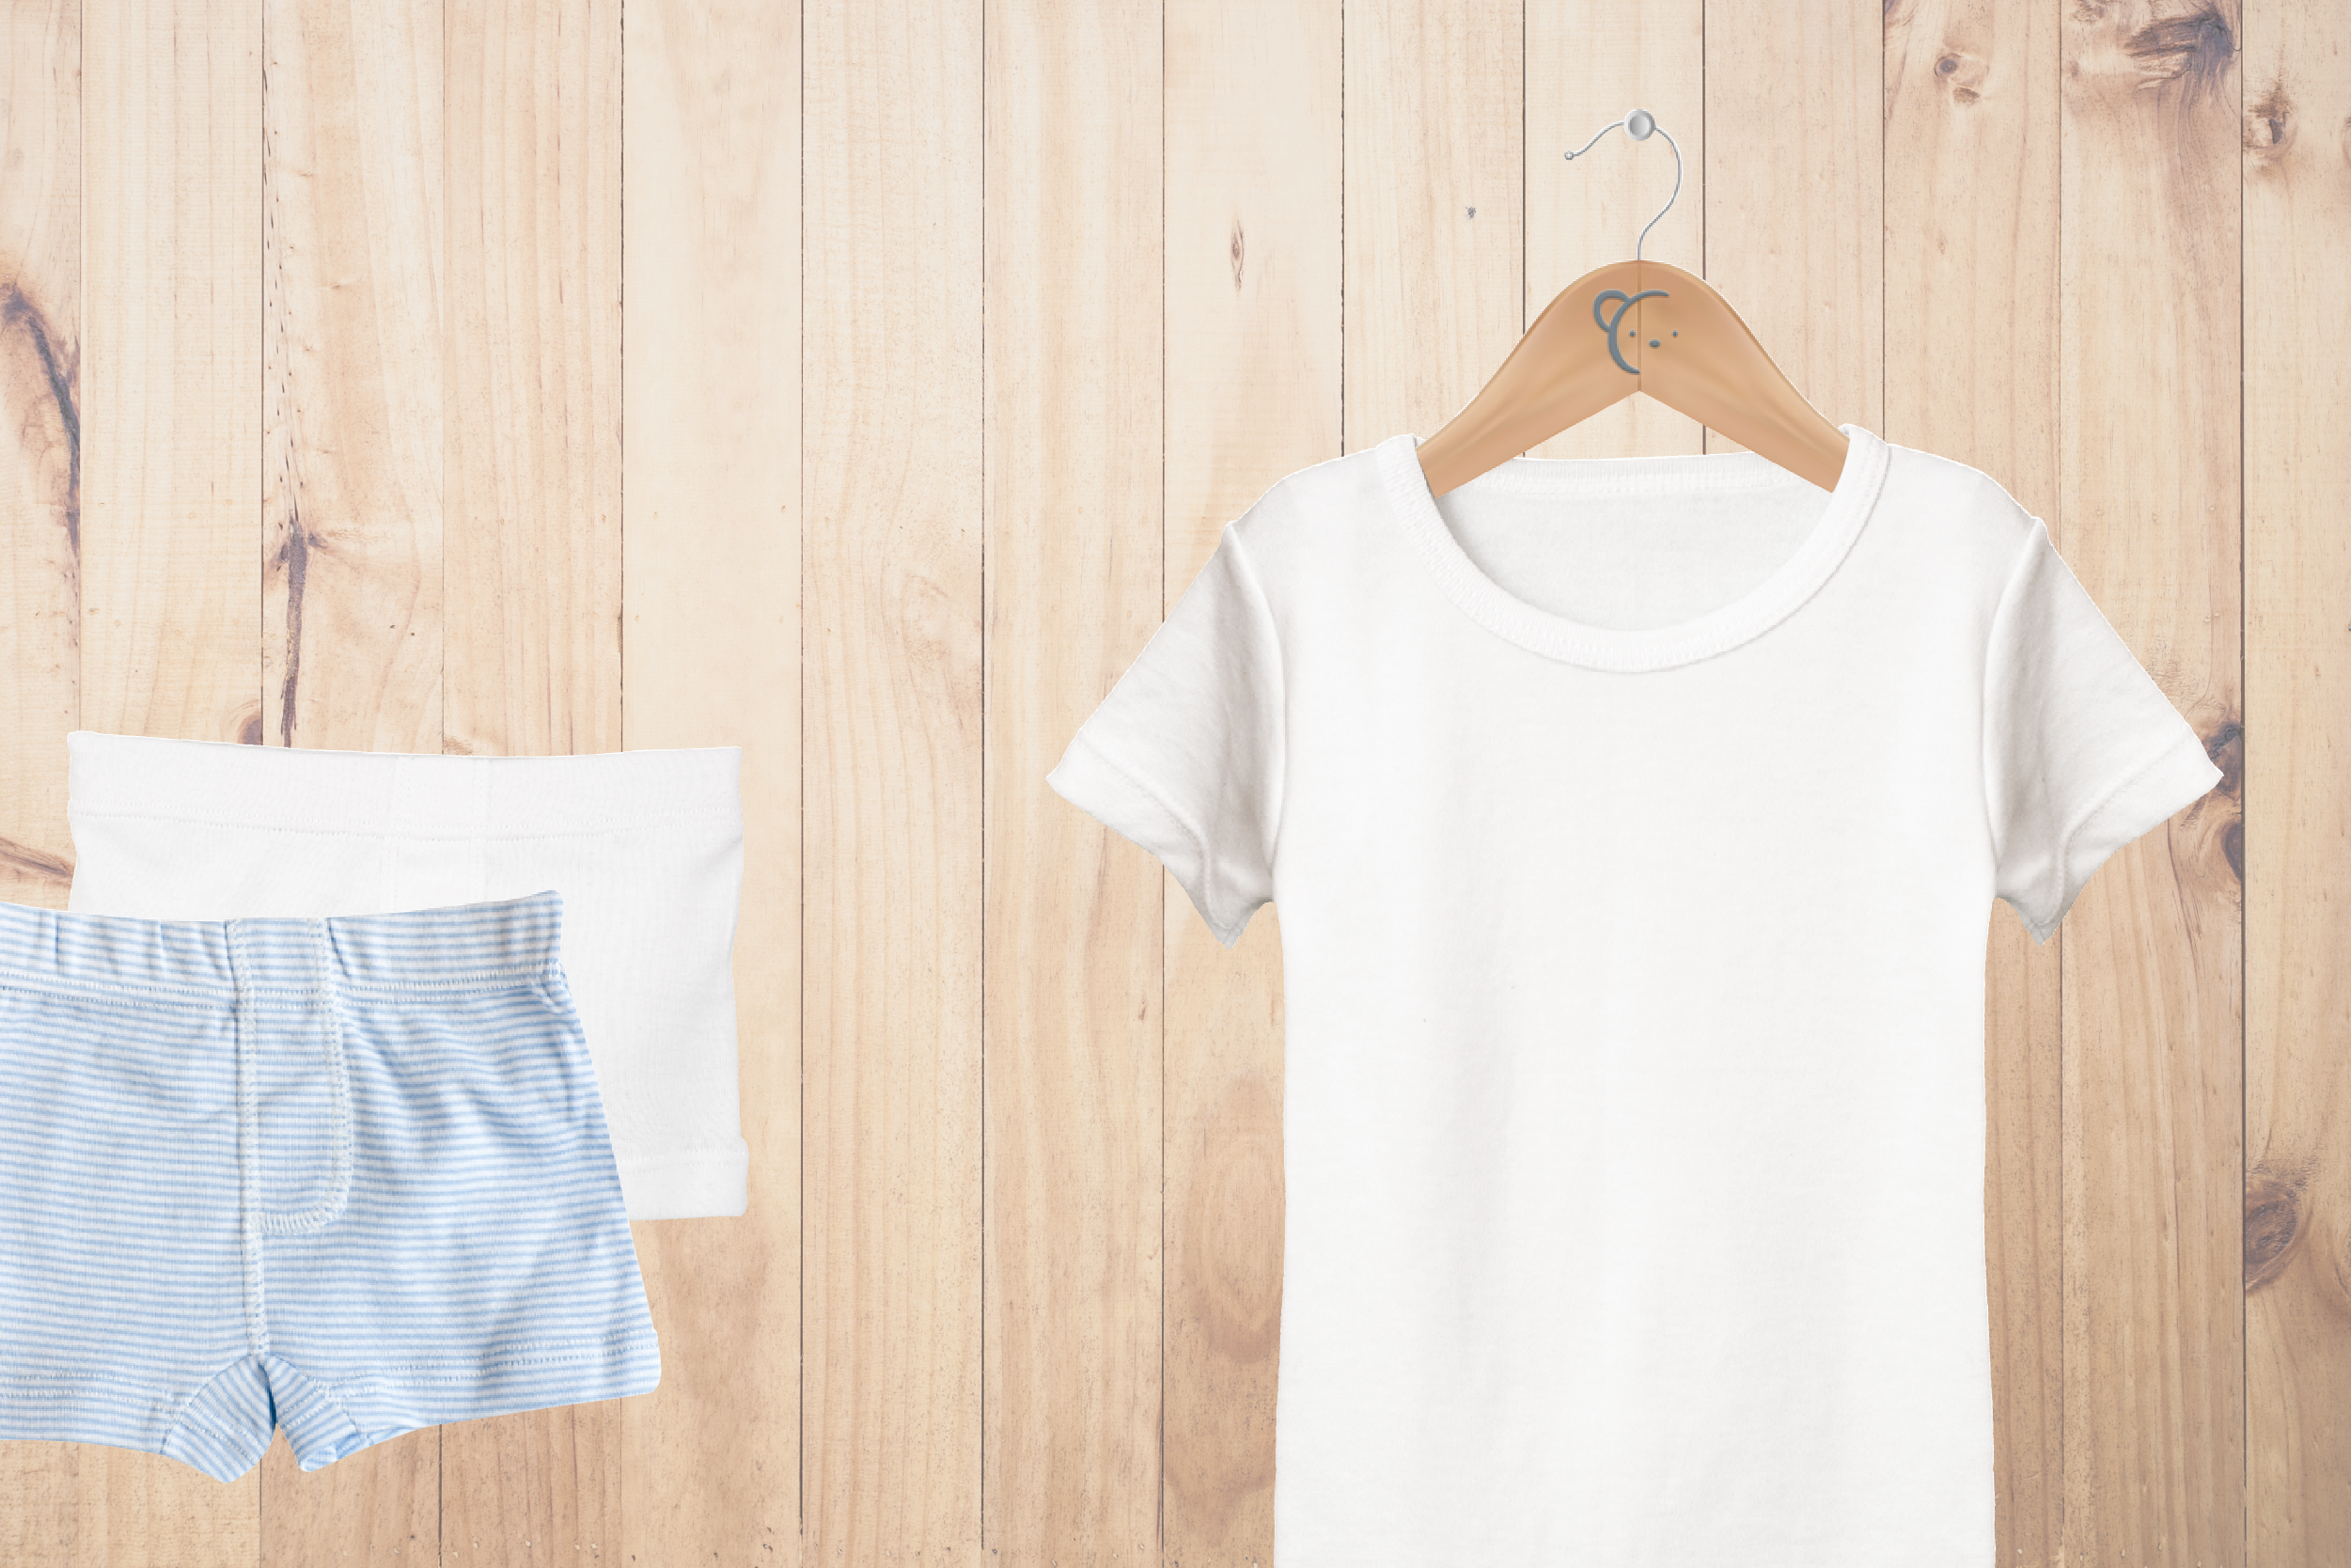 ropa interior para niños